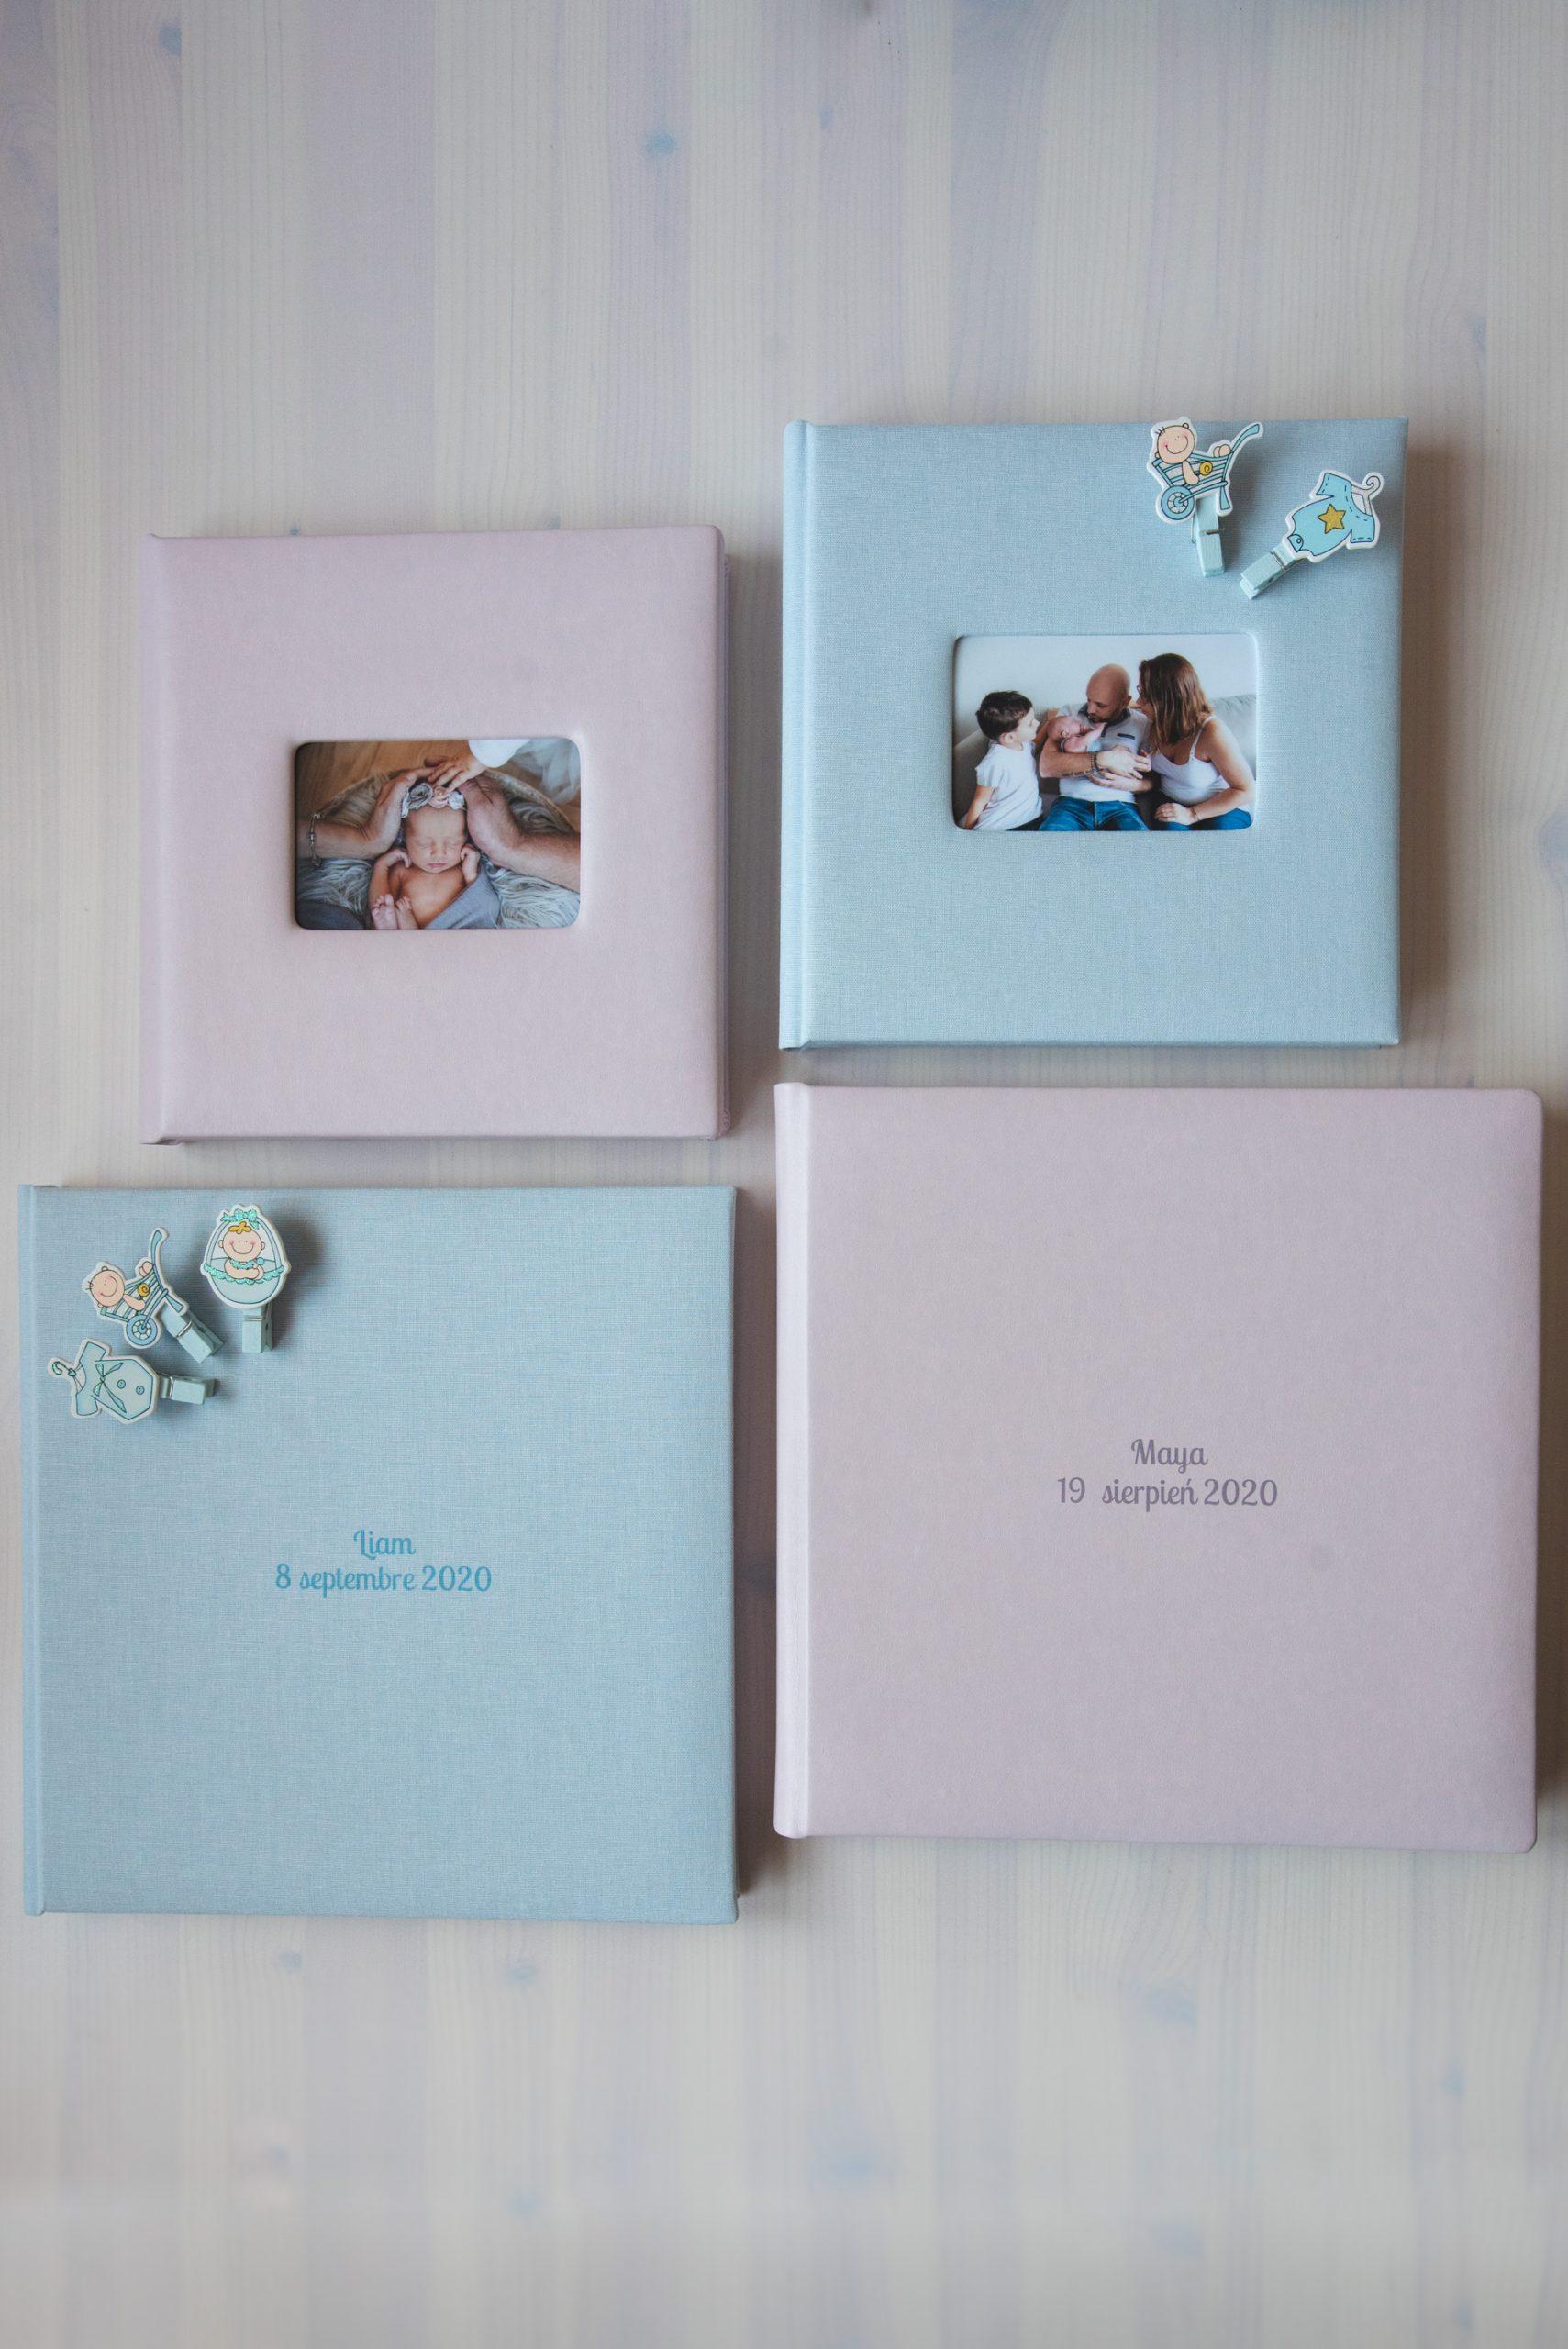 Album photo de naissance photographe Nice